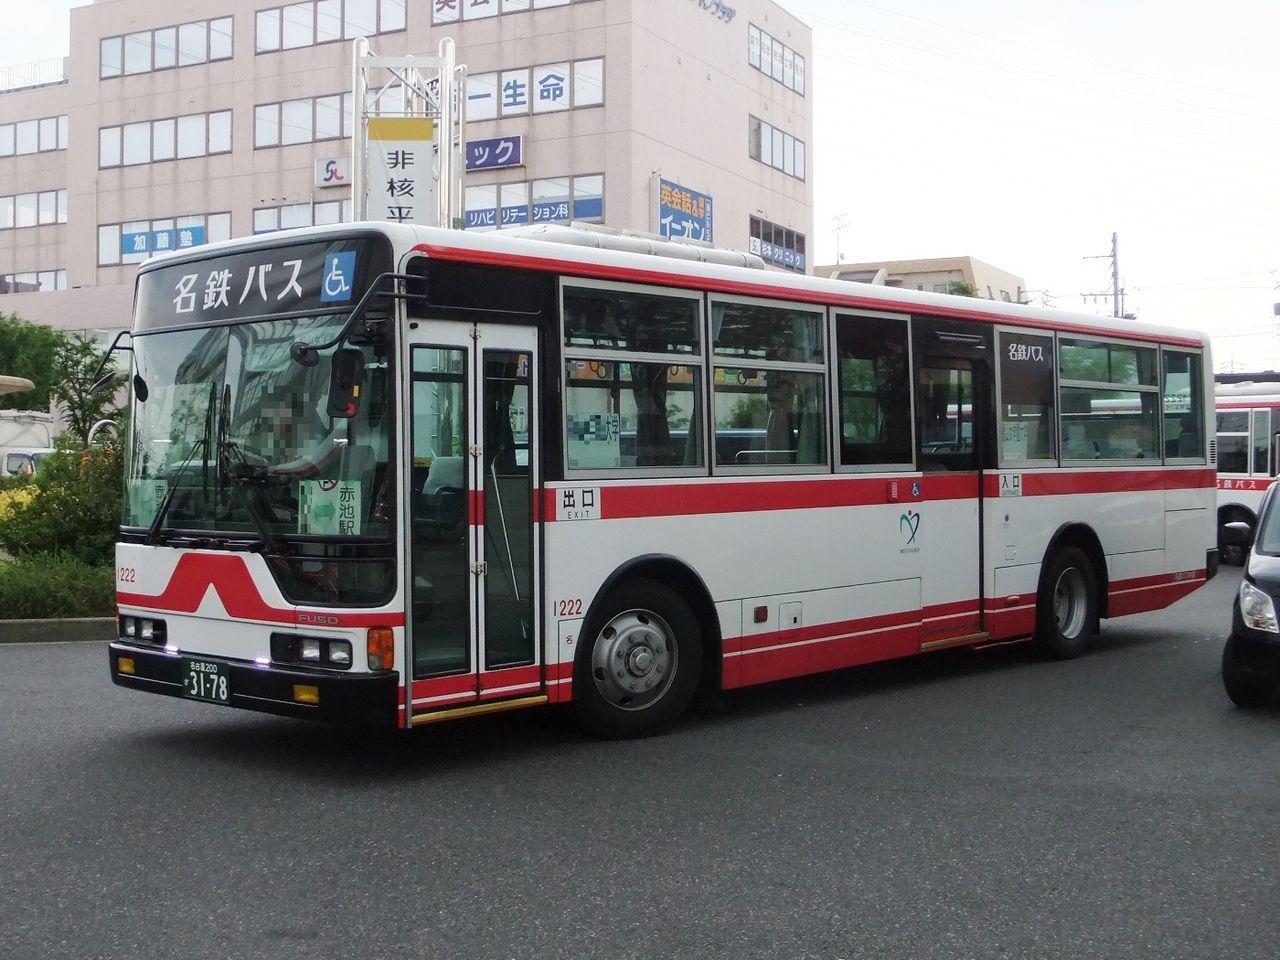 DSCF7842 赤池駅にて撮影した名鉄バスのエアロスターです。 (名古屋200か3178・KL